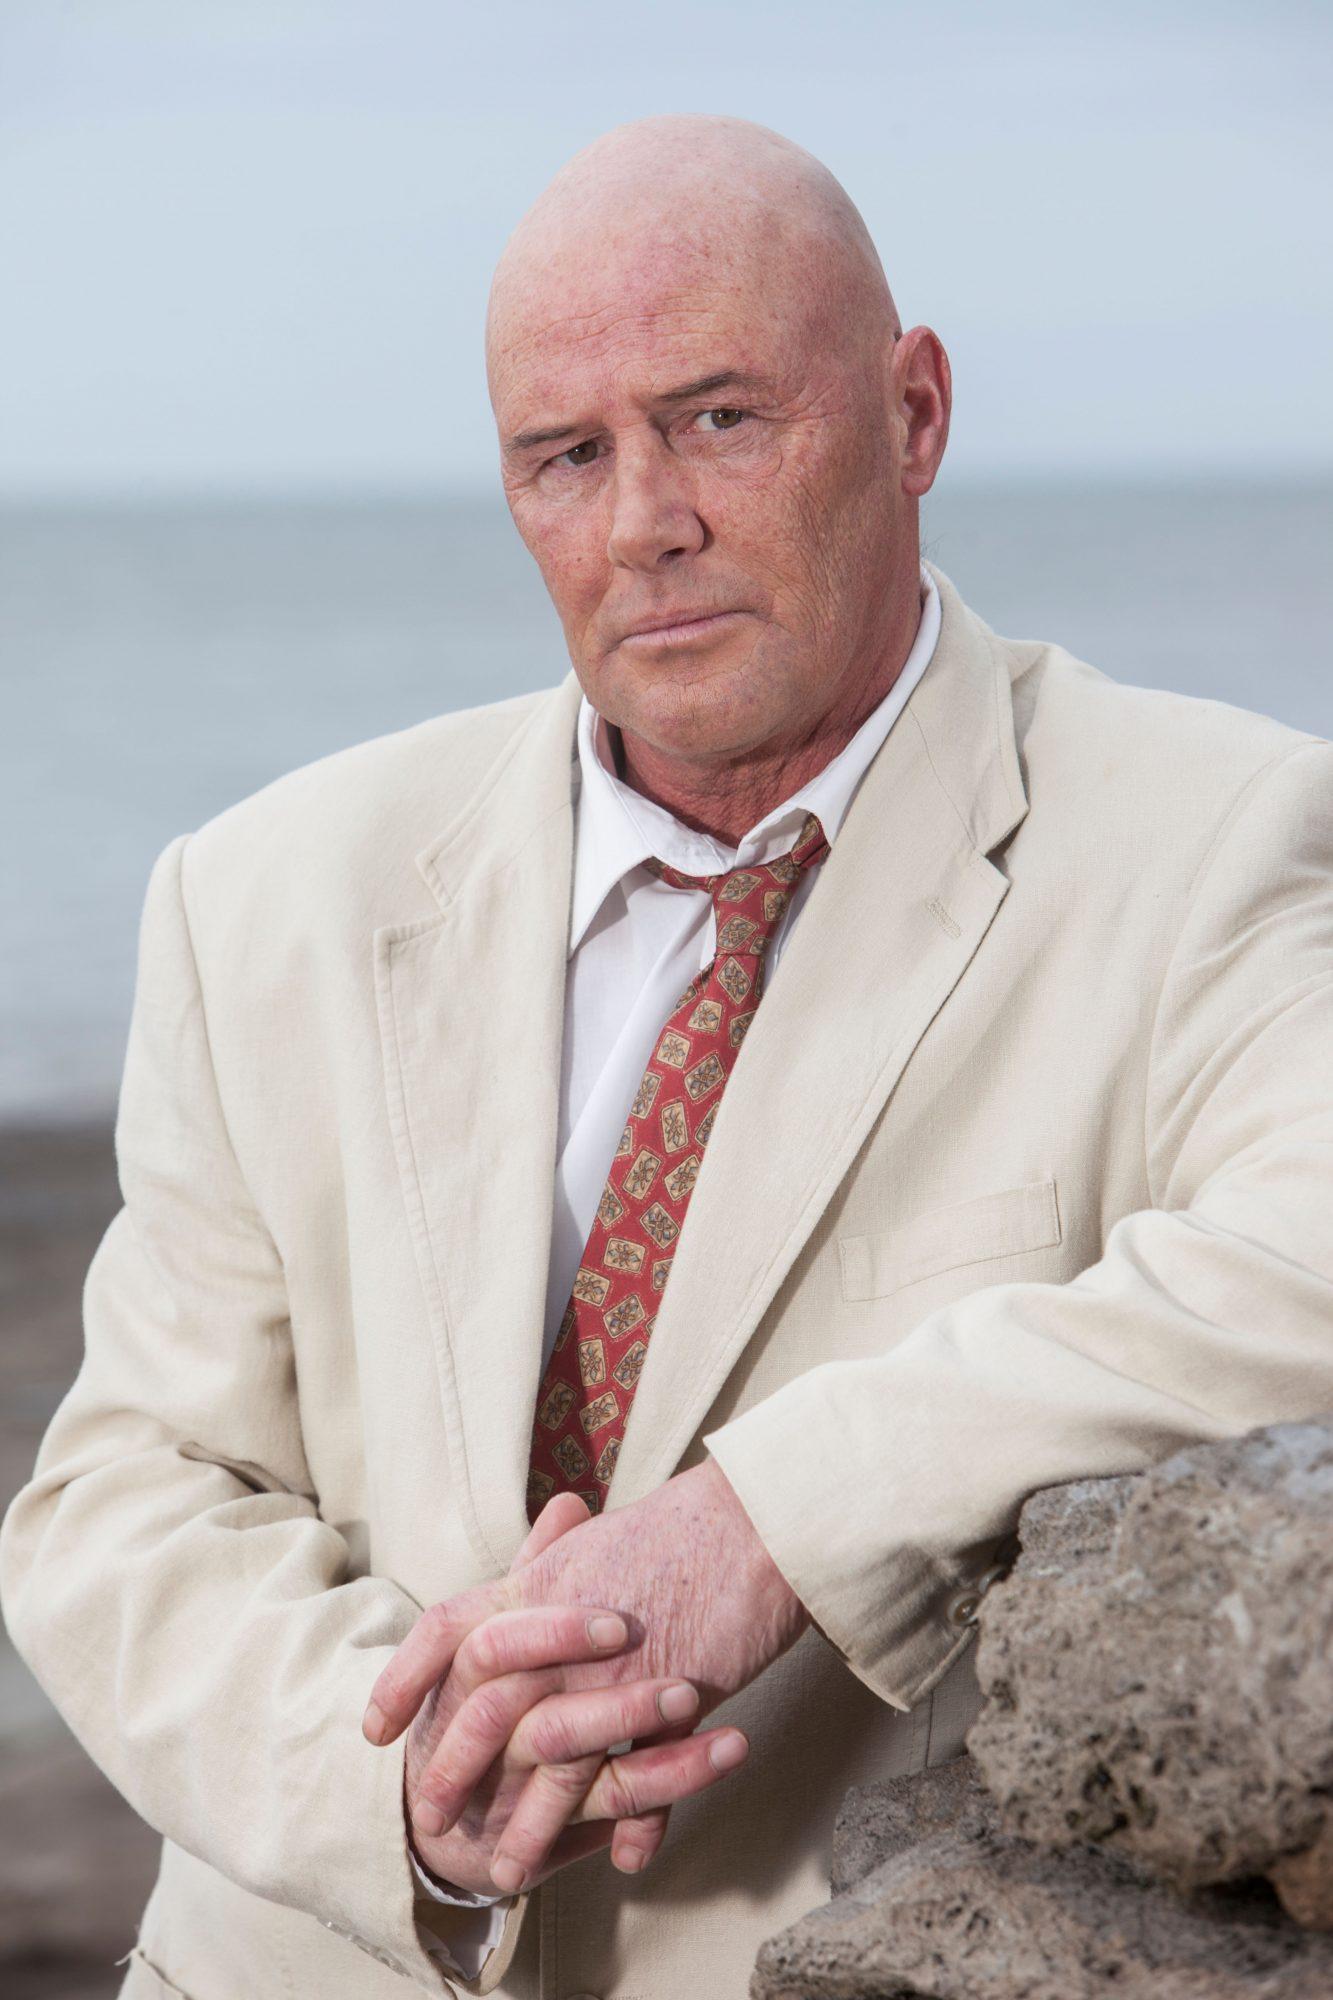 Mark Evans, Father of singer Adele Adkins.